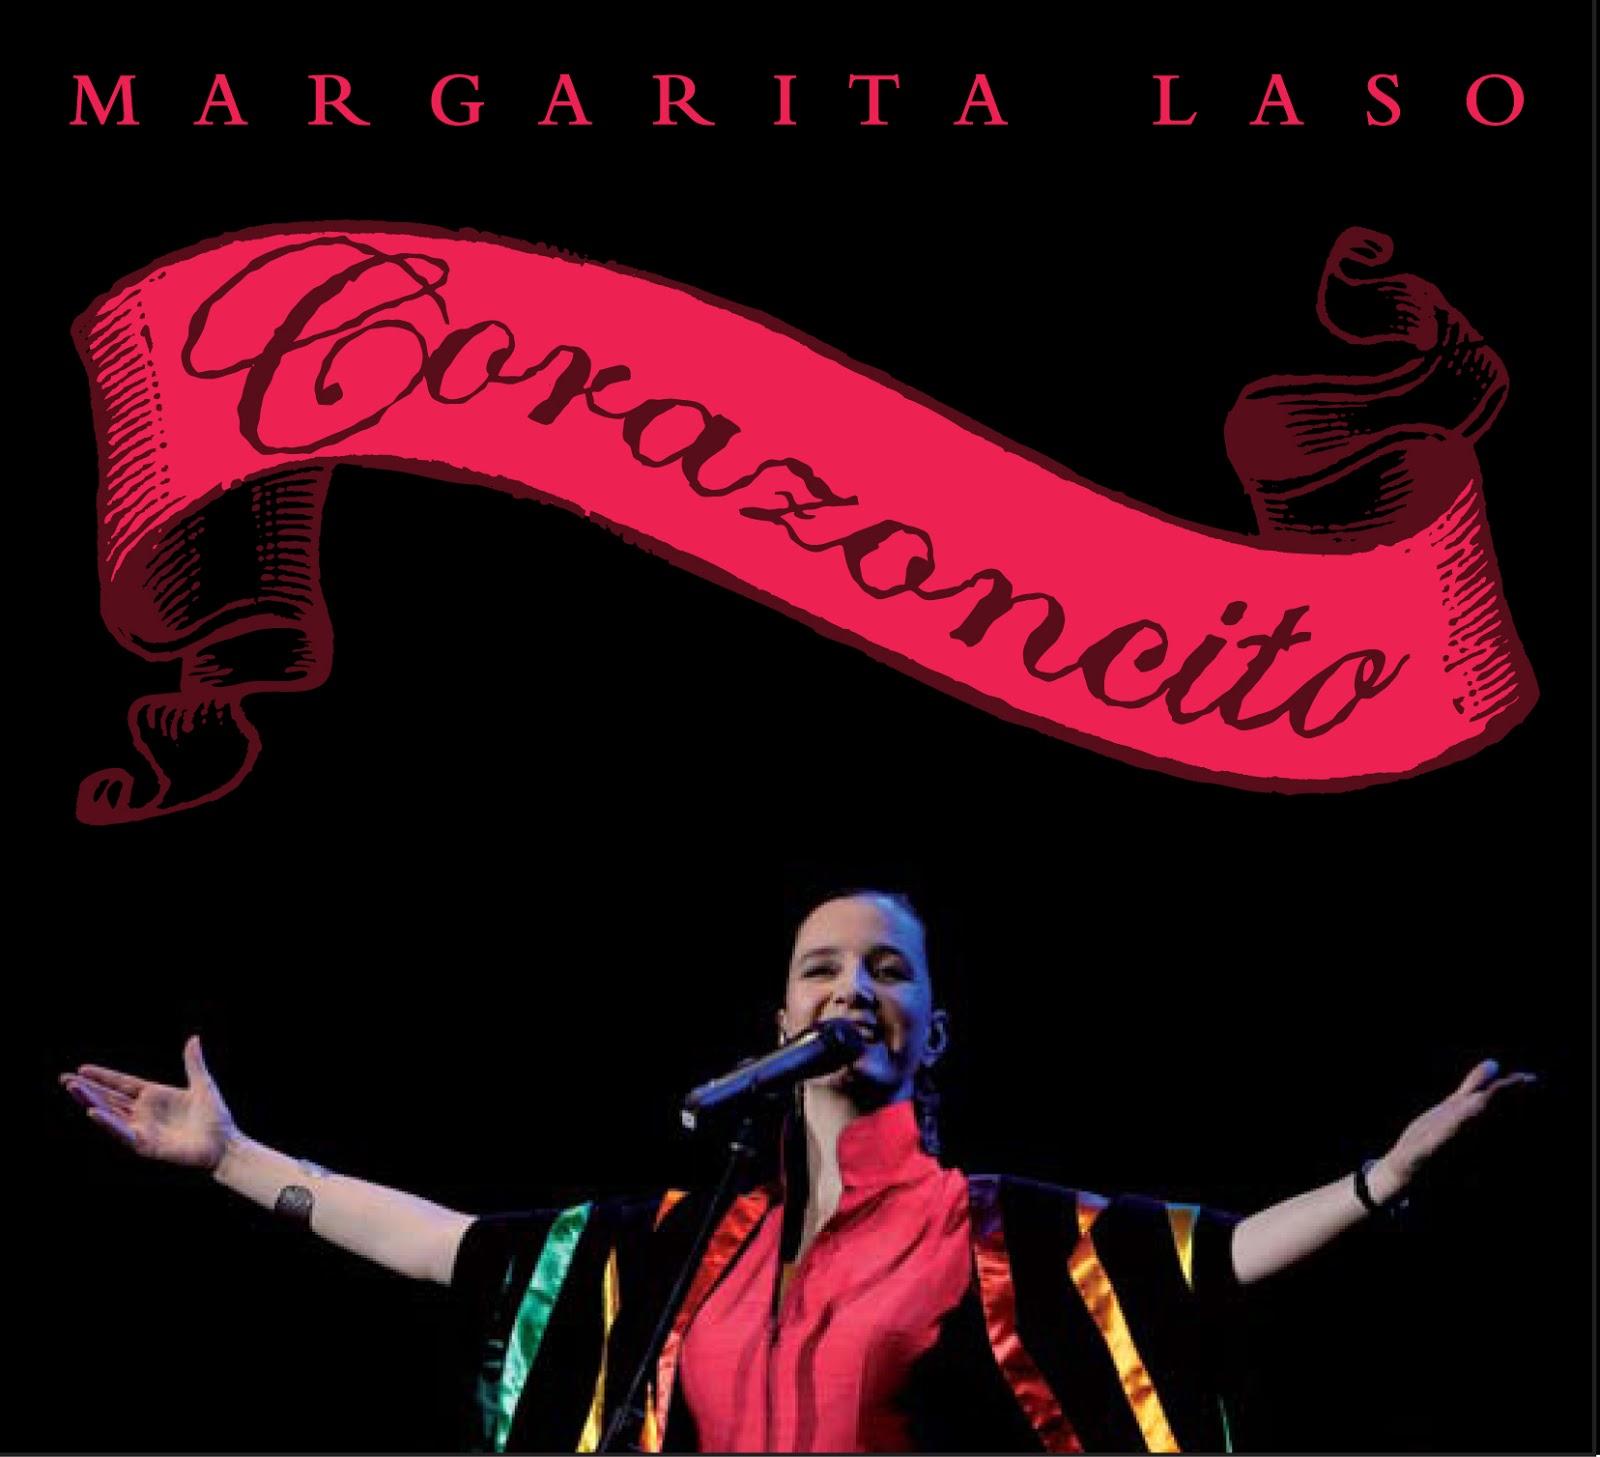 Especial de Margarita Laso